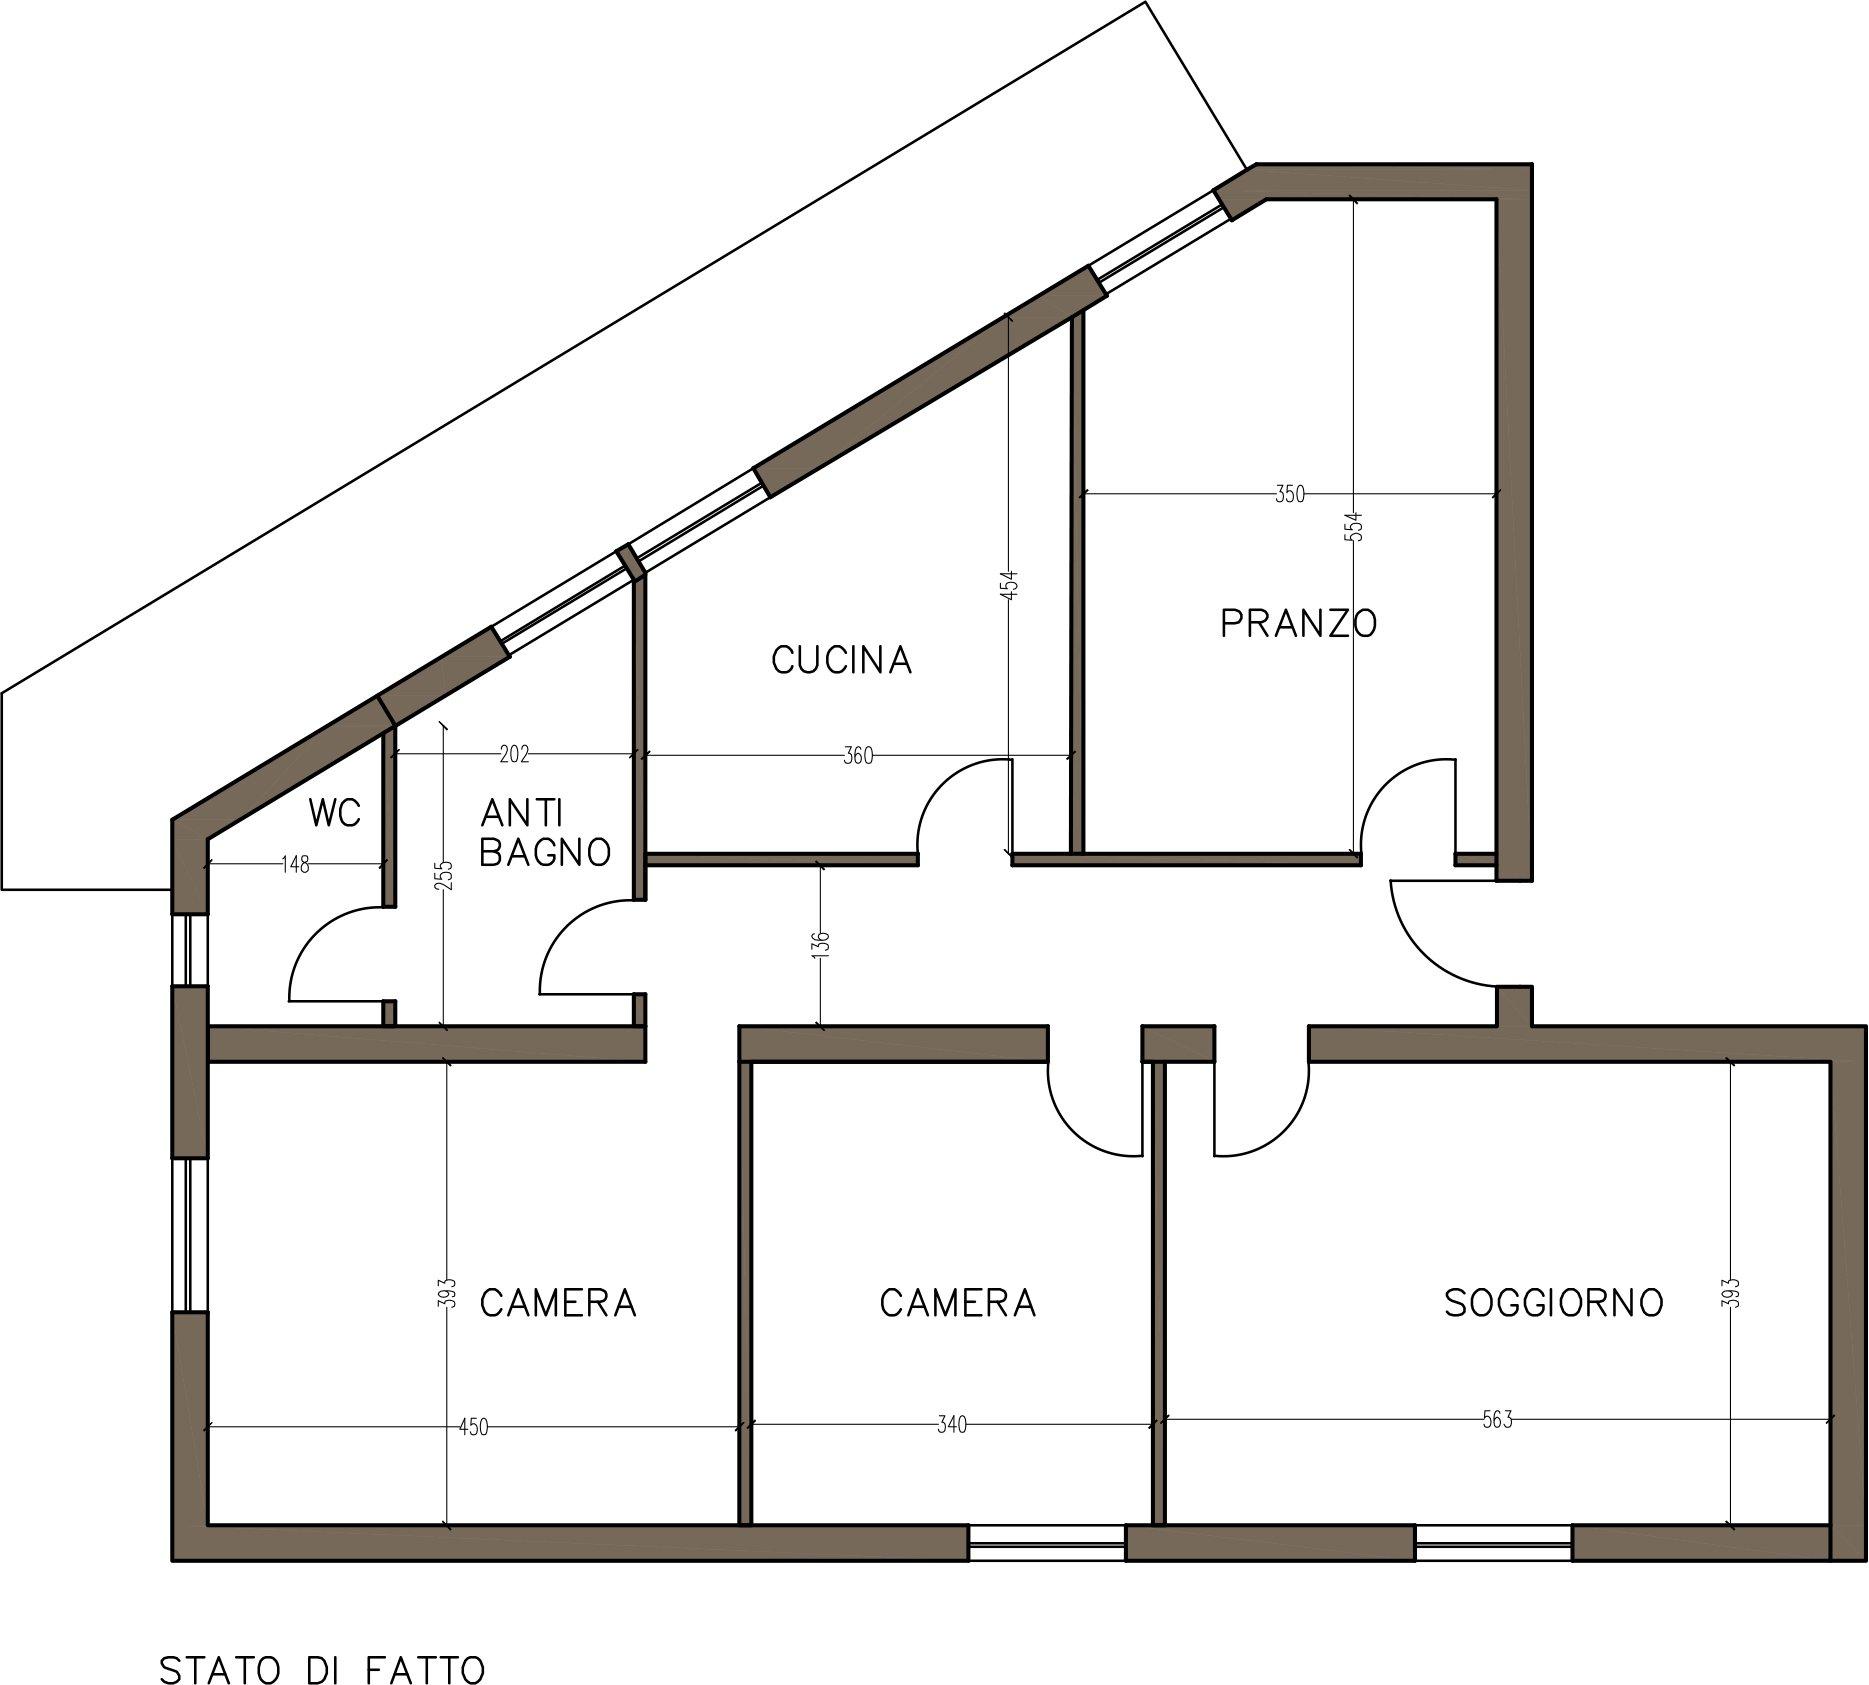 Arredamento soggiorno dwg idee per il design della casa - Divano angolare misure minime ...